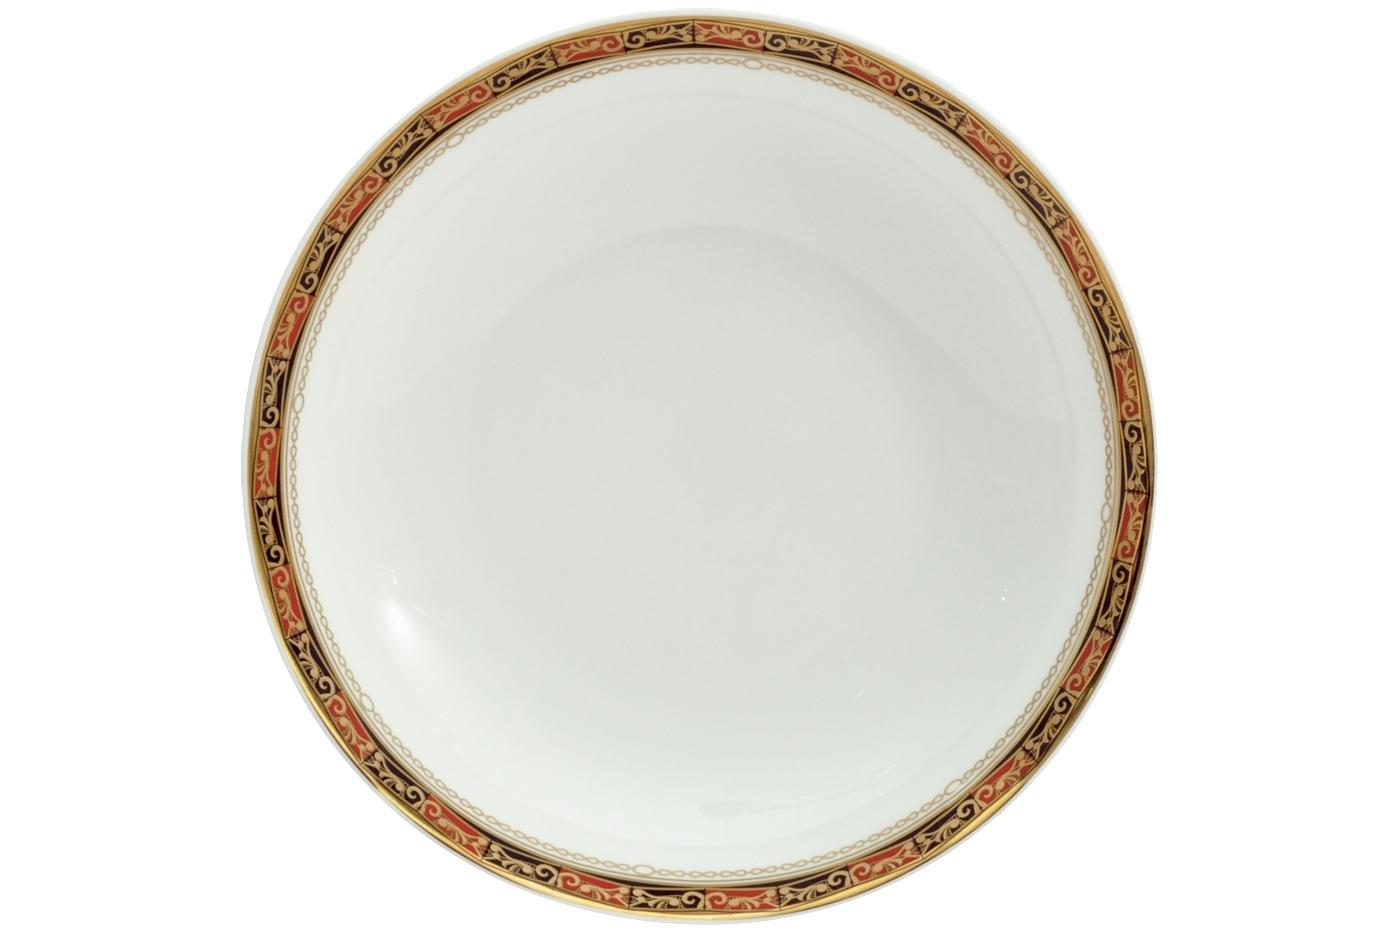 Набор из 6 тарелок суповых Royal Aurel Дерби (20см) арт.726Наборы тарелок<br>Набор из 6 тарелок суповых Royal Aurel Дерби (20см) арт.726<br>Производить посуду из фарфора начали в Китае на стыке 6-7 веков. Неустанно совершенствуя и селективно отбирая сырье для производства посуды из фарфора, мастерам удалось добиться выдающихся характеристик фарфора: белизны и тонкостенности. В XV веке появился особый интерес к китайской фарфоровой посуде, так как в это время Европе возникла мода на самобытные китайские вещи. Роскошный китайский фарфор являлся изыском и был в новинку, поэтому он выступал в качестве подарка королям, а также знатным людям. Такой дорогой подарок был очень престижен и по праву являлся элитной посудой. Как известно из многочисленных исторических документов, в Европе китайские изделия из фарфора ценились практически как золото. <br>Проверка изделий из костяного фарфора на подлинность <br>По сравнению с производством других видов фарфора процесс производства изделий из настоящего костяного фарфора сложен и весьма длителен. Посуда из изящного фарфора - это элитная посуда, которая всегда ассоциируется с богатством, величием и благородством. Несмотря на небольшую толщину, фарфоровая посуда - это очень прочное изделие. Для демонстрации плотности и прочности фарфора можно легко коснуться предметов посуды из фарфора деревянной палочкой, и тогда мы услушим характерный металлический звон. В составе фарфоровой посуды присутствует костяная зола, благодаря чему она может быть намного тоньше (не более 2,5 мм) и легче твердого или мягкого фарфора. Безупречная белизна - ключевой признак отличия такого фарфора от других. Цвет обычного фарфора сероватый или ближе к голубоватому, а костяной фарфор будет всегда будет молочно-белого цвета. Характерная и немаловажная деталь - это невесомая прозрачность изделий из фарфора такая, что сквозь него проходит свет.<br>